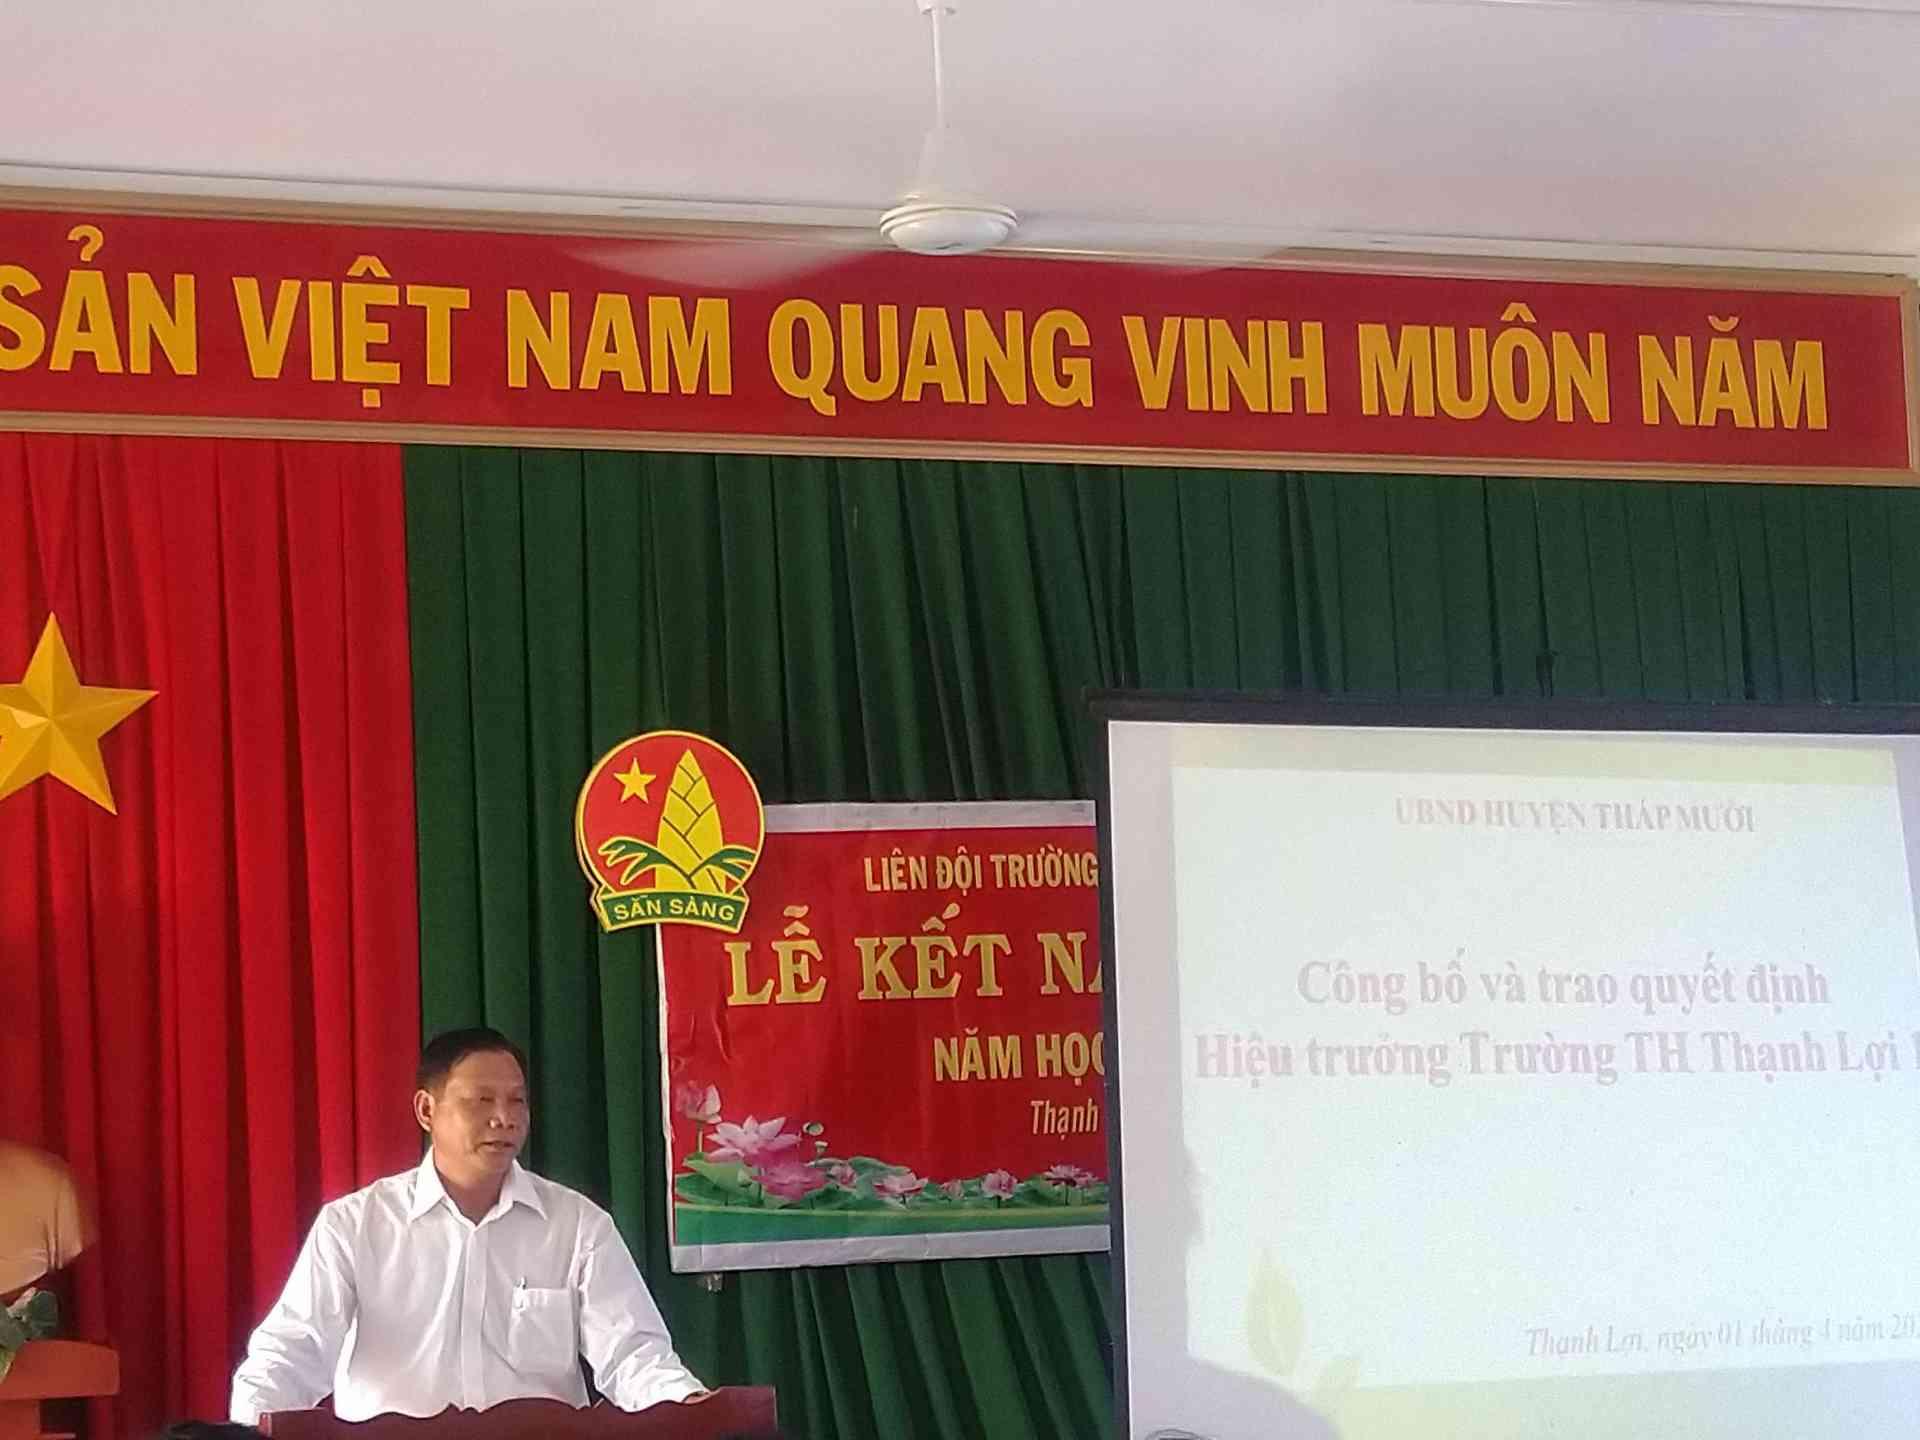 Đồng chí Trần Văn Cưng phó chủ tịch xã Thạnh Lợi phát biểu trong lễ công bố quyết định hiệu trưởng.